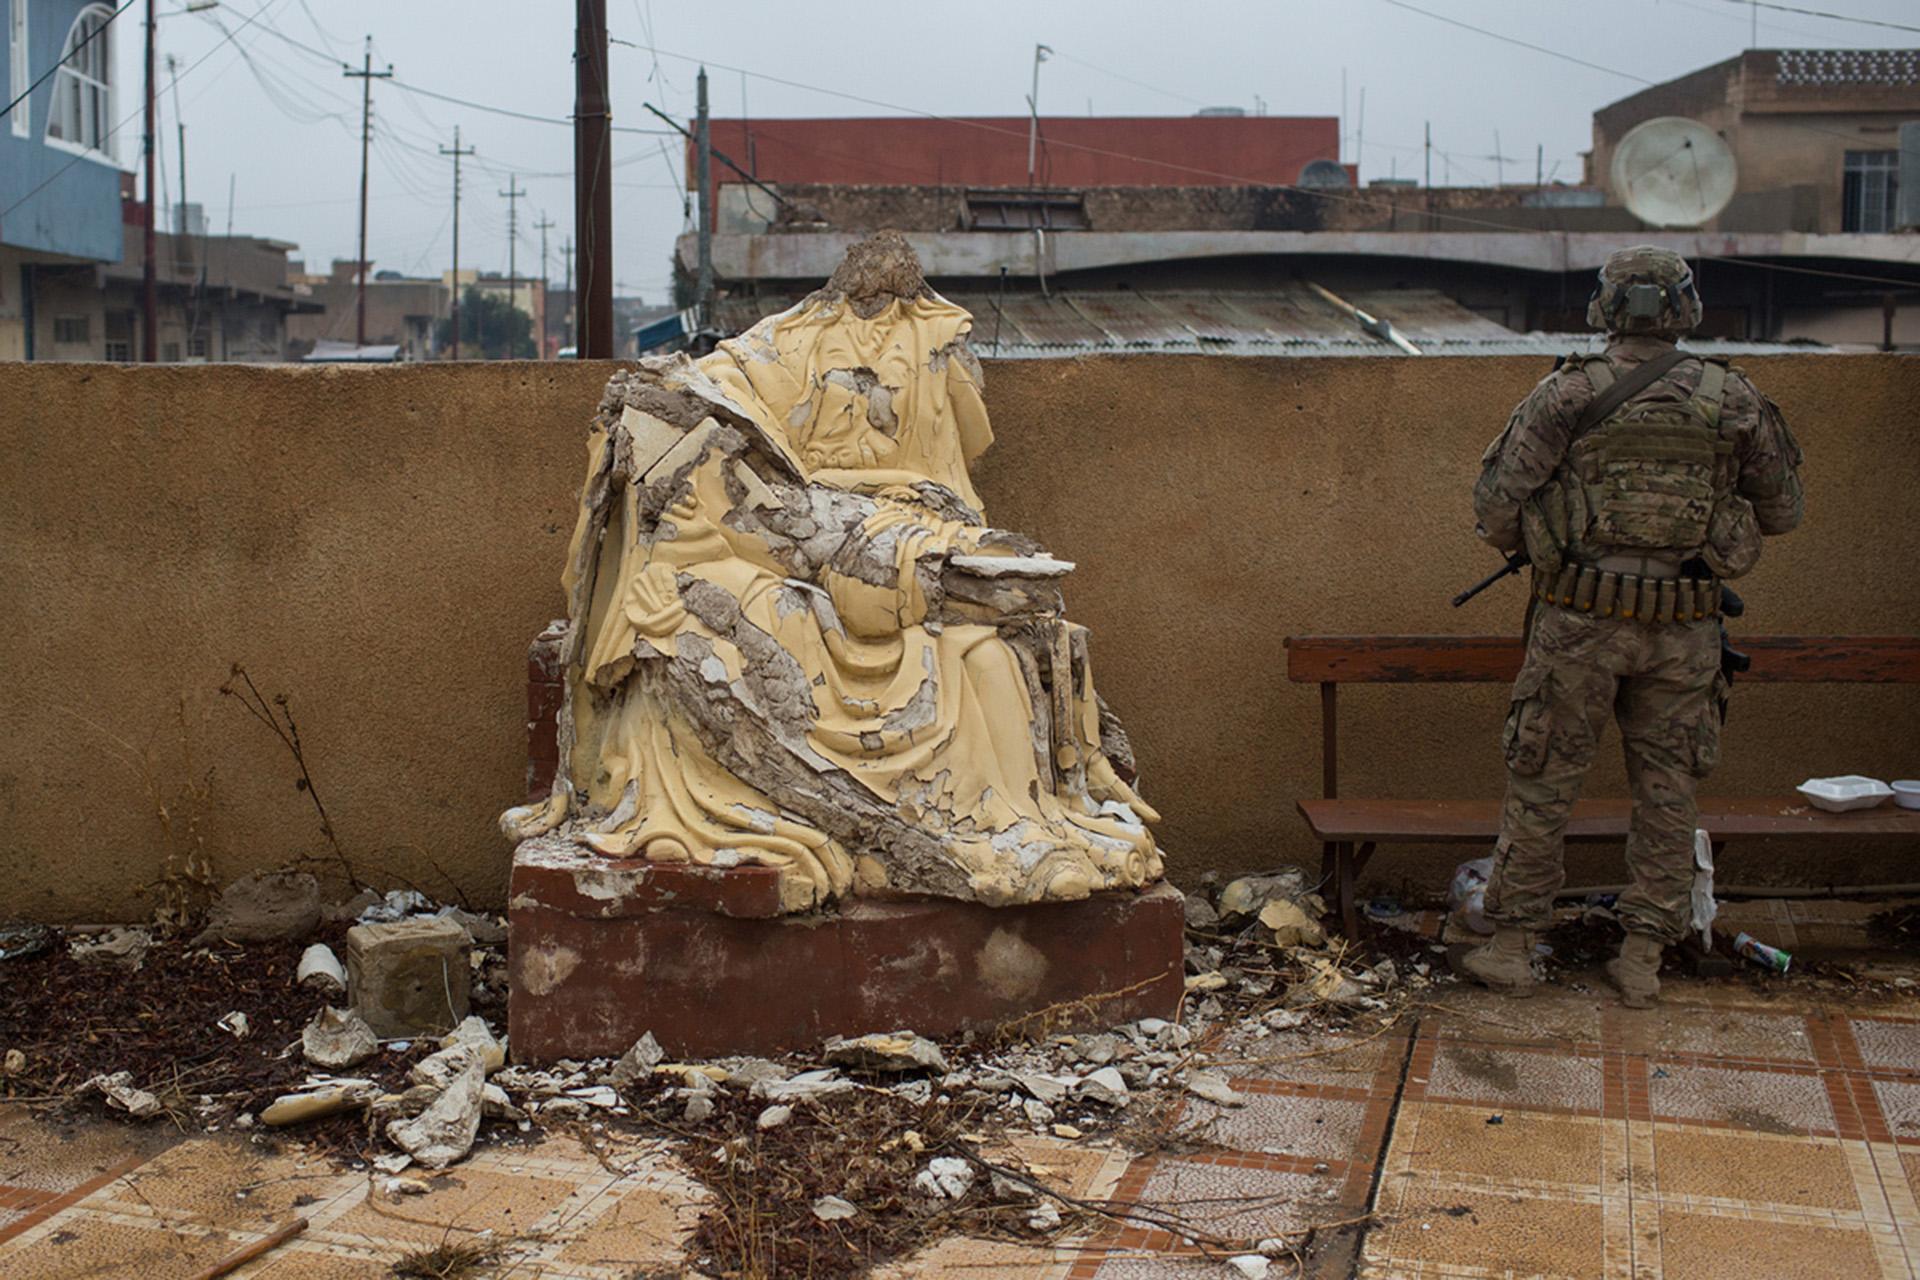 Un soldado estadounidense junto a una estatua cristiana destruida. Bartella y Qaraqosh son dos pueblos cristianos en las afueras de Mosul recientemente liberados (Getty)